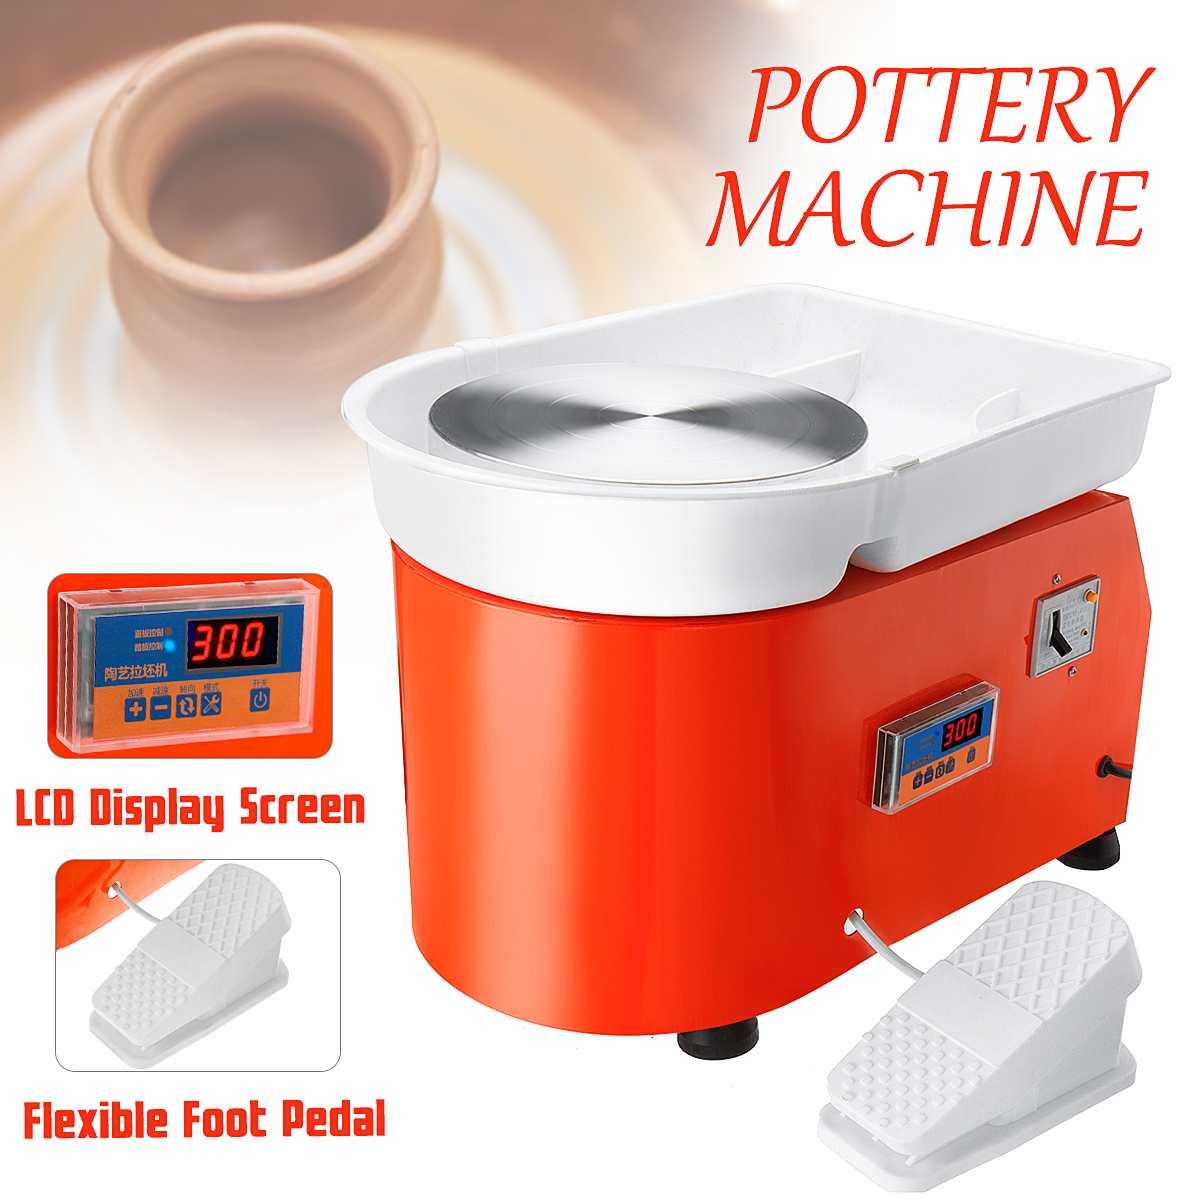 300 W AC 110 V/220 V poterie roue Machine en céramique travail argile Art Flexible pédale LCD contrôle métal + alliage d'aluminium 42x52x35 cm